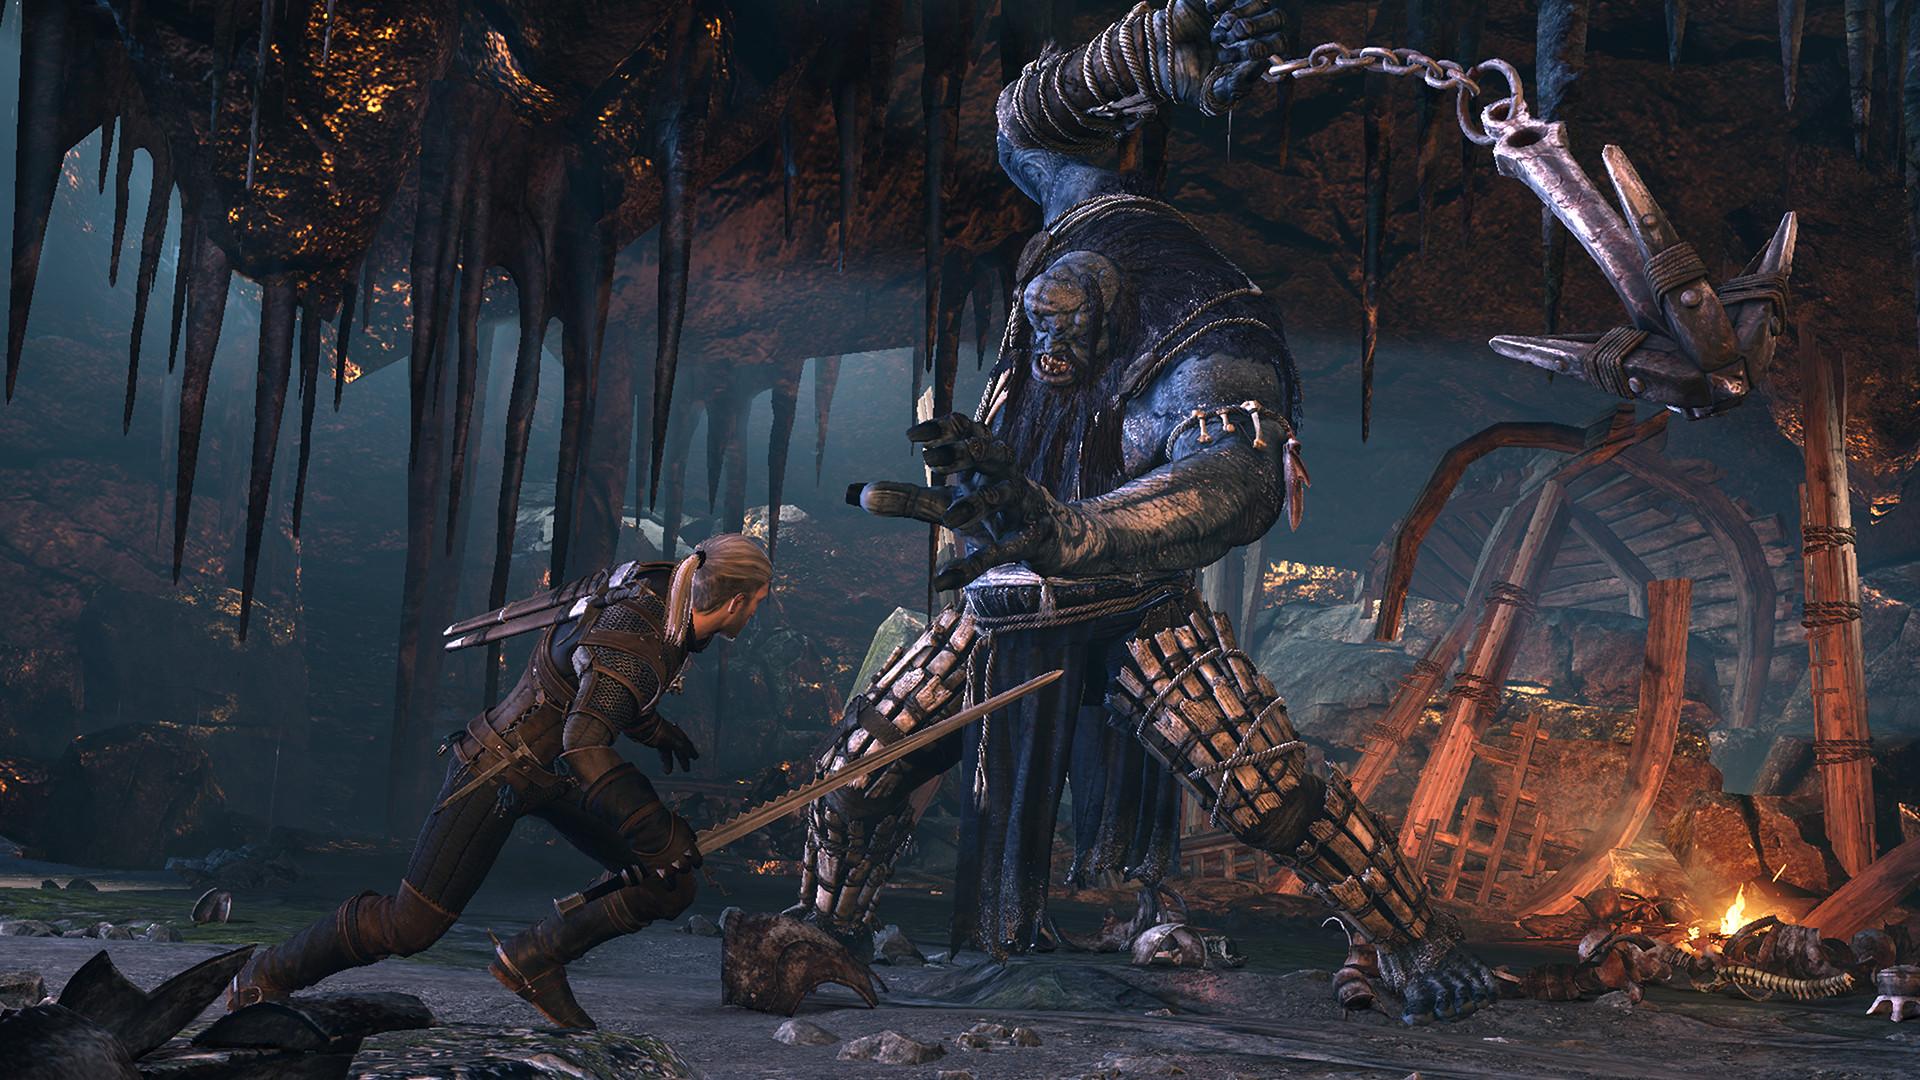 Геральт - Witcher 3: Wild Hunt, the Арт, Ледяной Великан